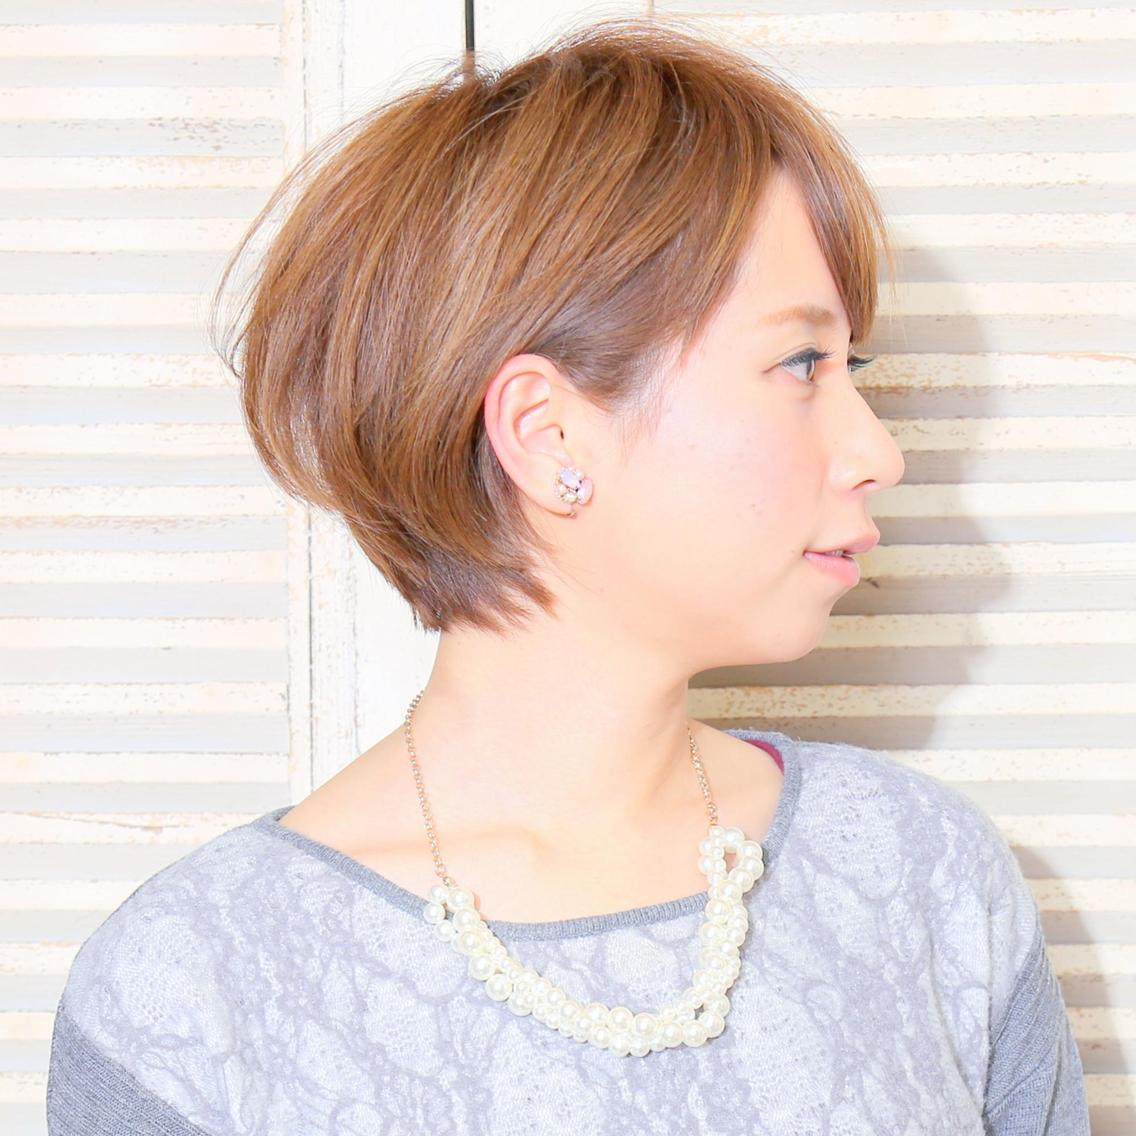 HAIR BRAND Link トアロード店所属・HAIR BRANDLink トアロードの掲載